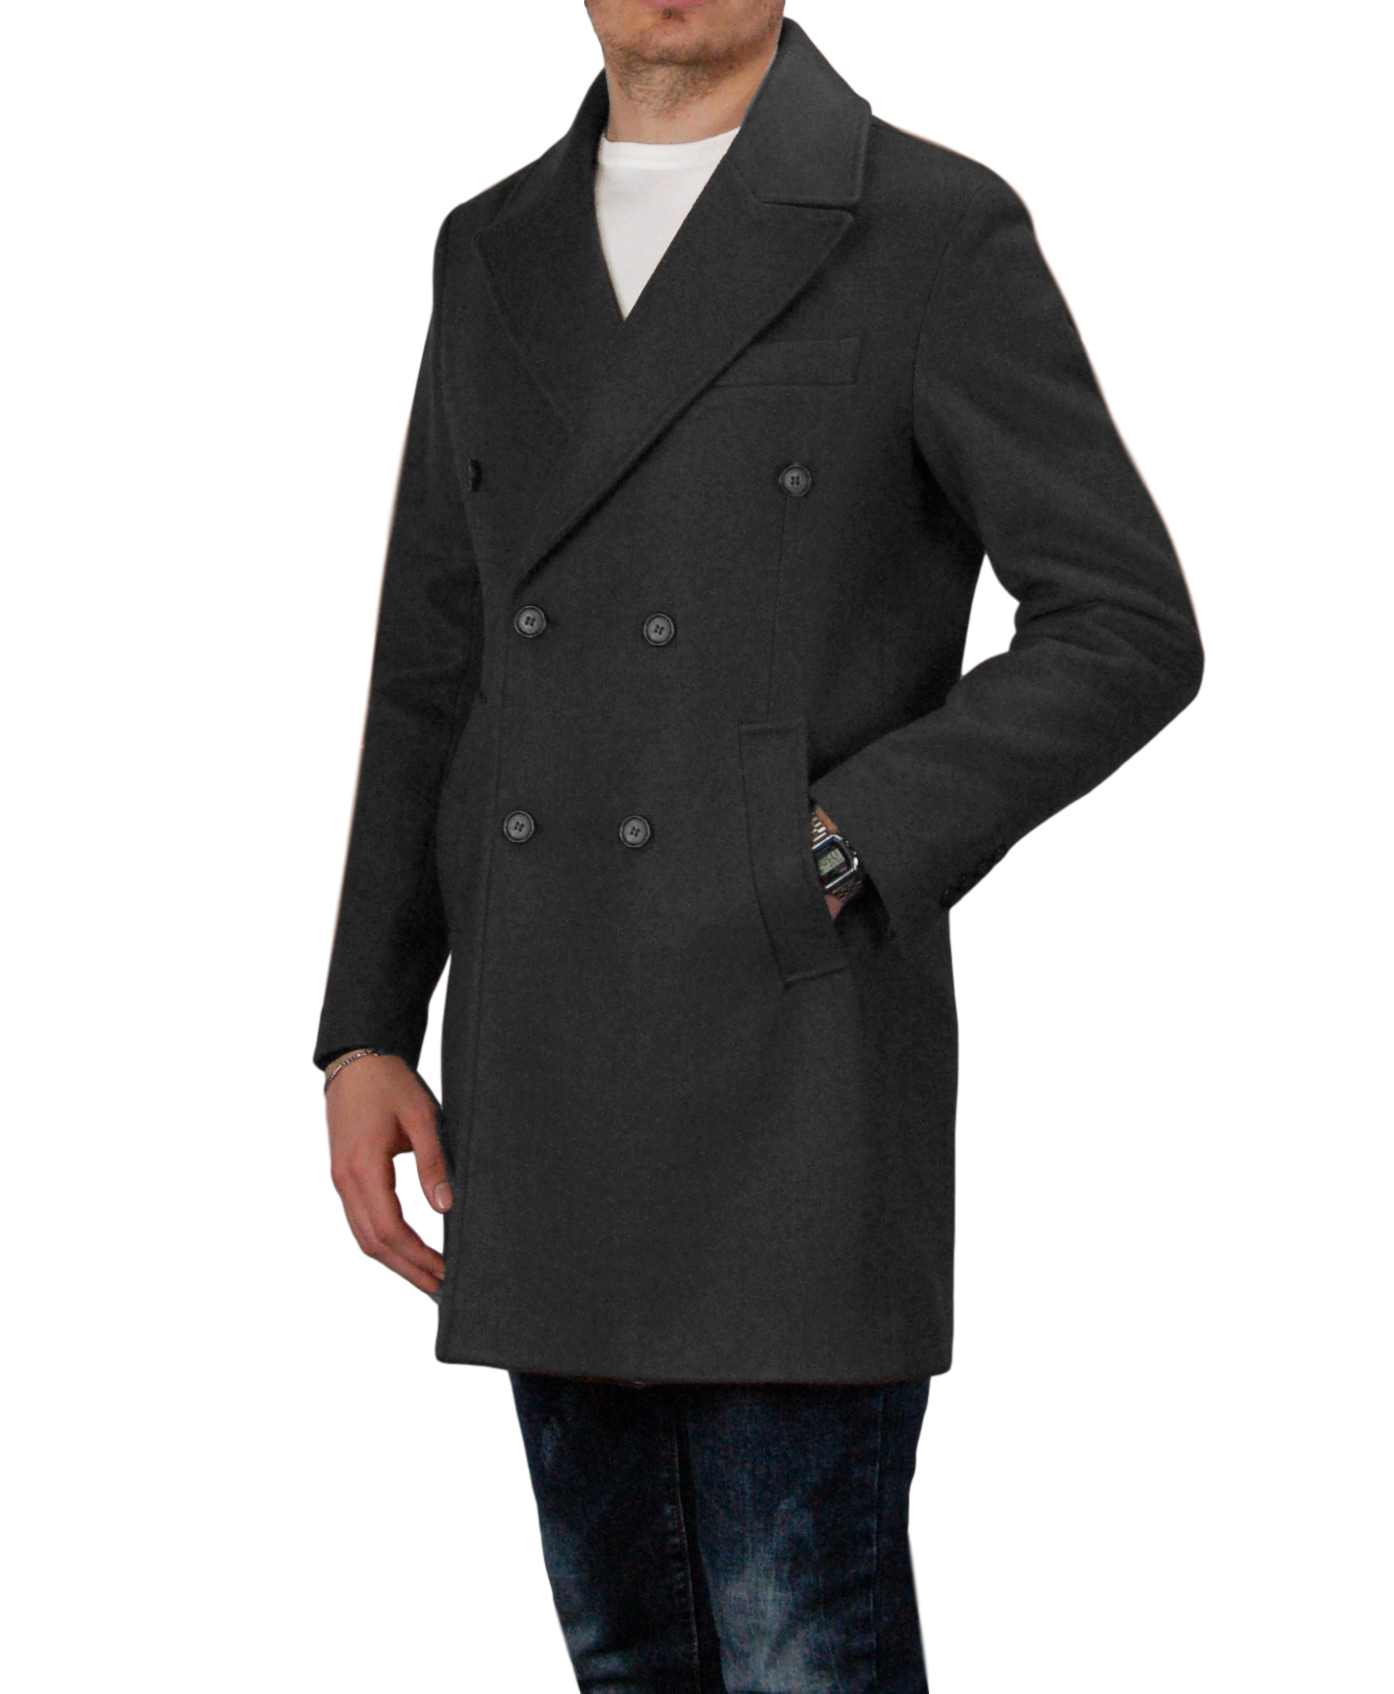 Cappotto-Doppio-Petto-Uomo-Invernale-Cappottino-Elegante-Lungo-Trench miniatura 15